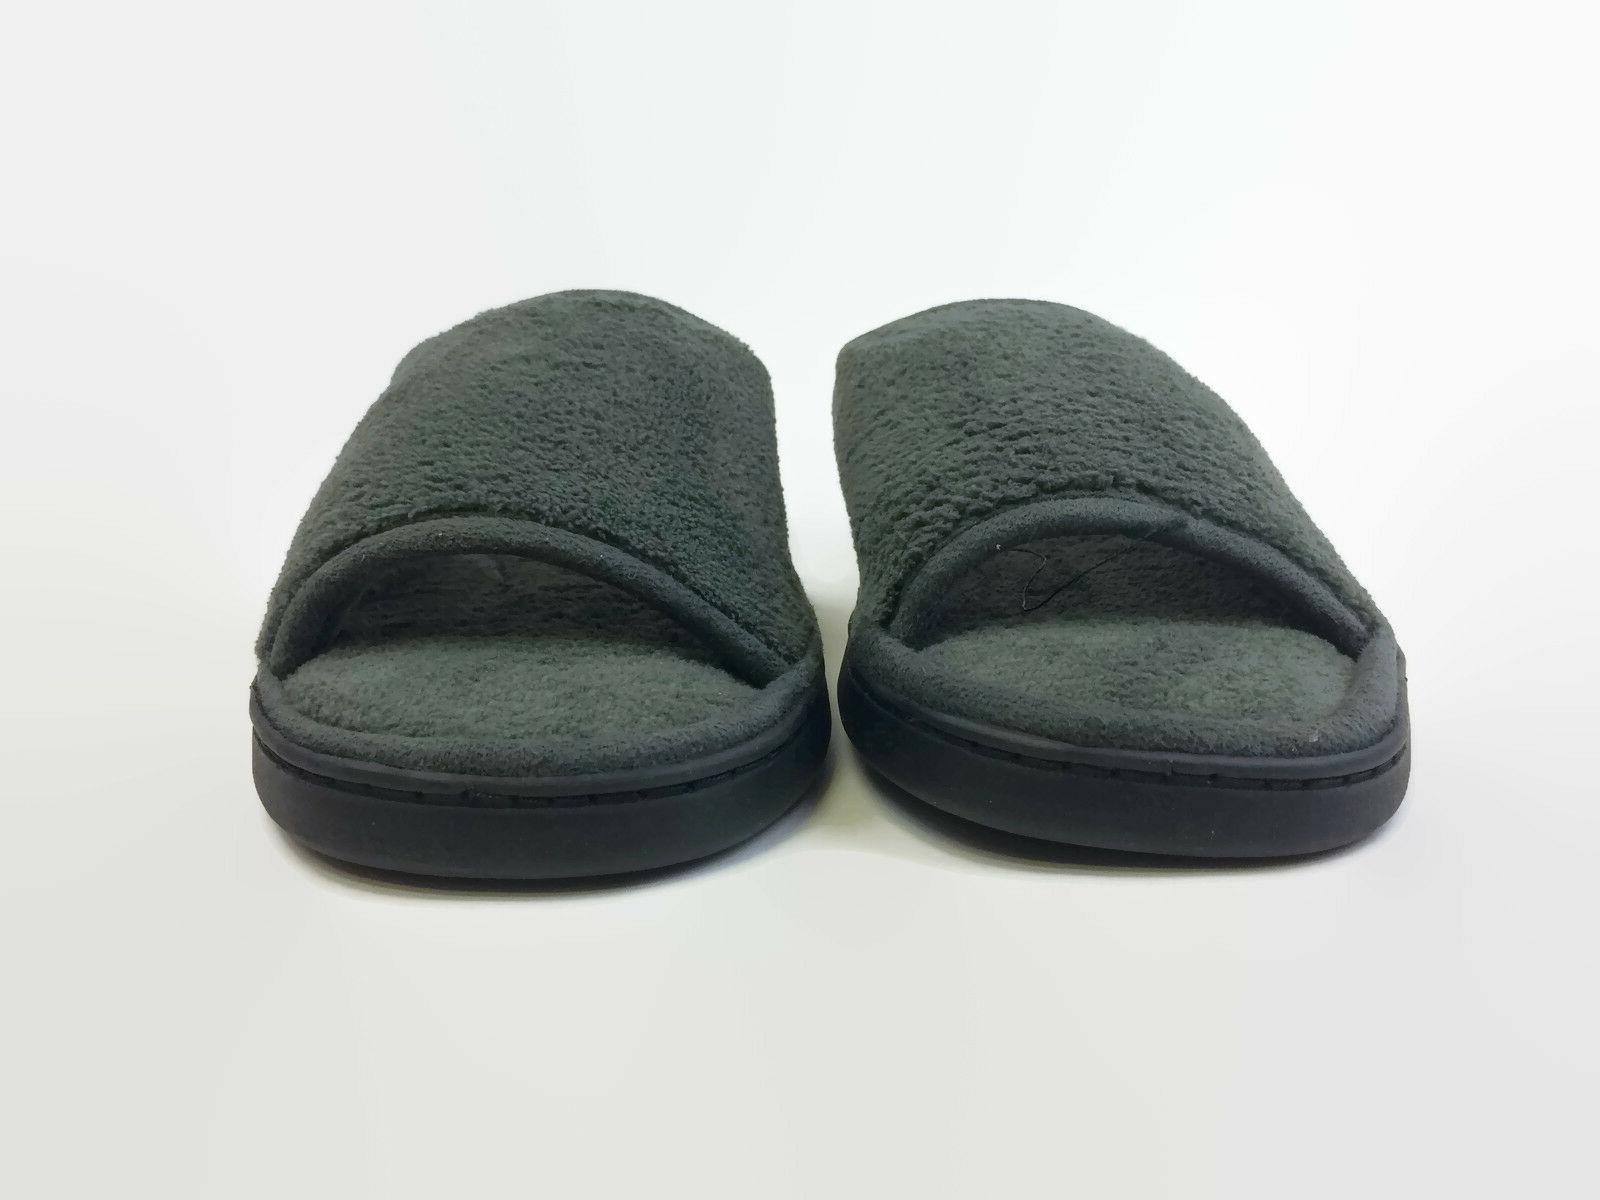 Dockers Men's Slide Slippers with Foam